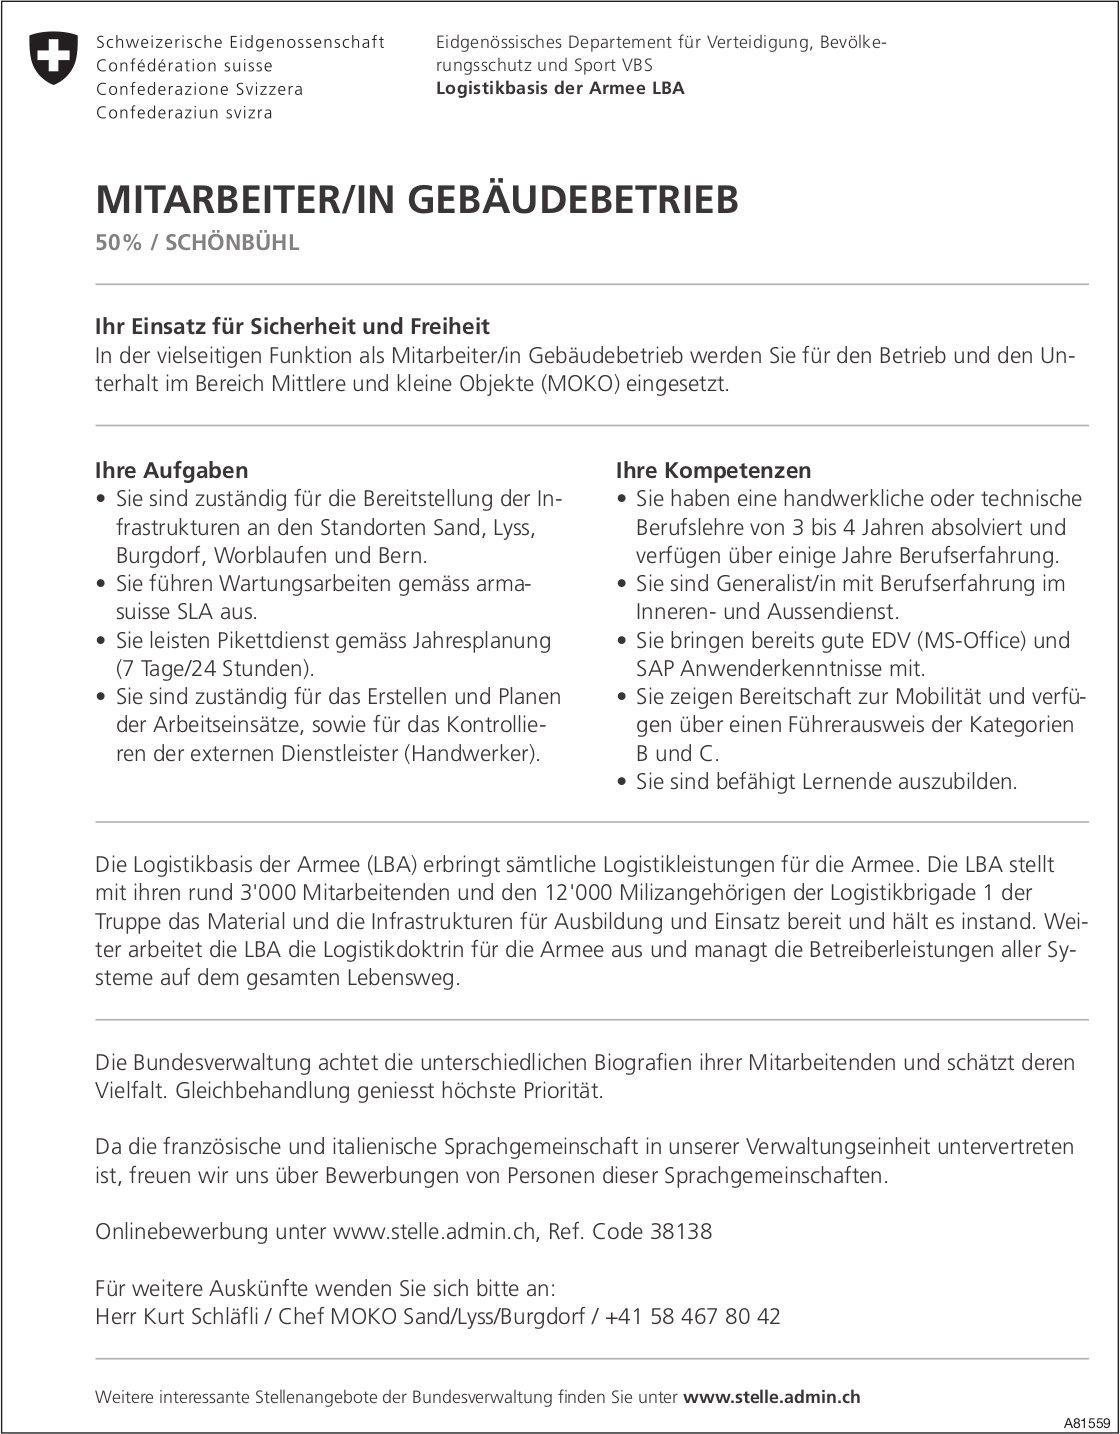 MITARBEITER/IN GEBÄUDEBETRIEB, 50%, Logistikbasis der Armee LBA, SCHÖNBÜHL, gesucht